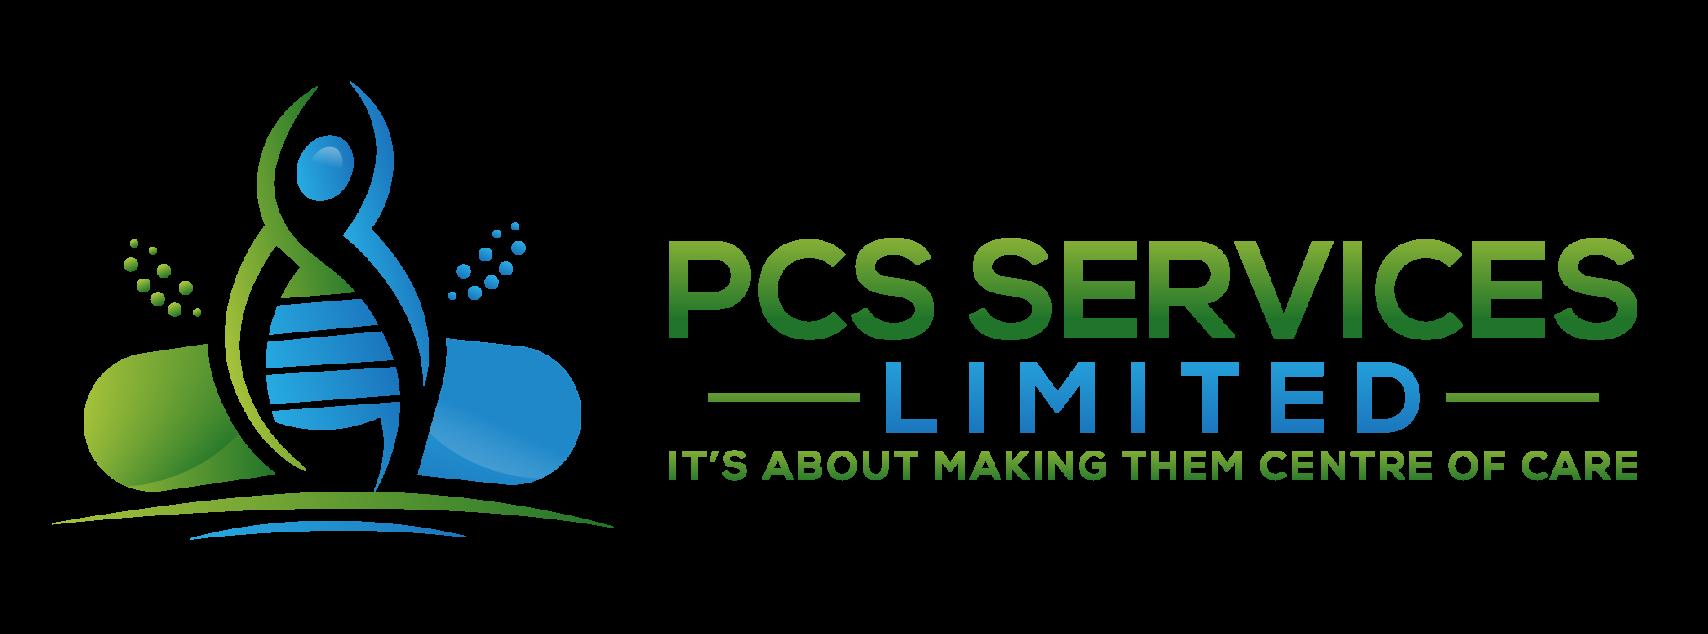 PCS Services